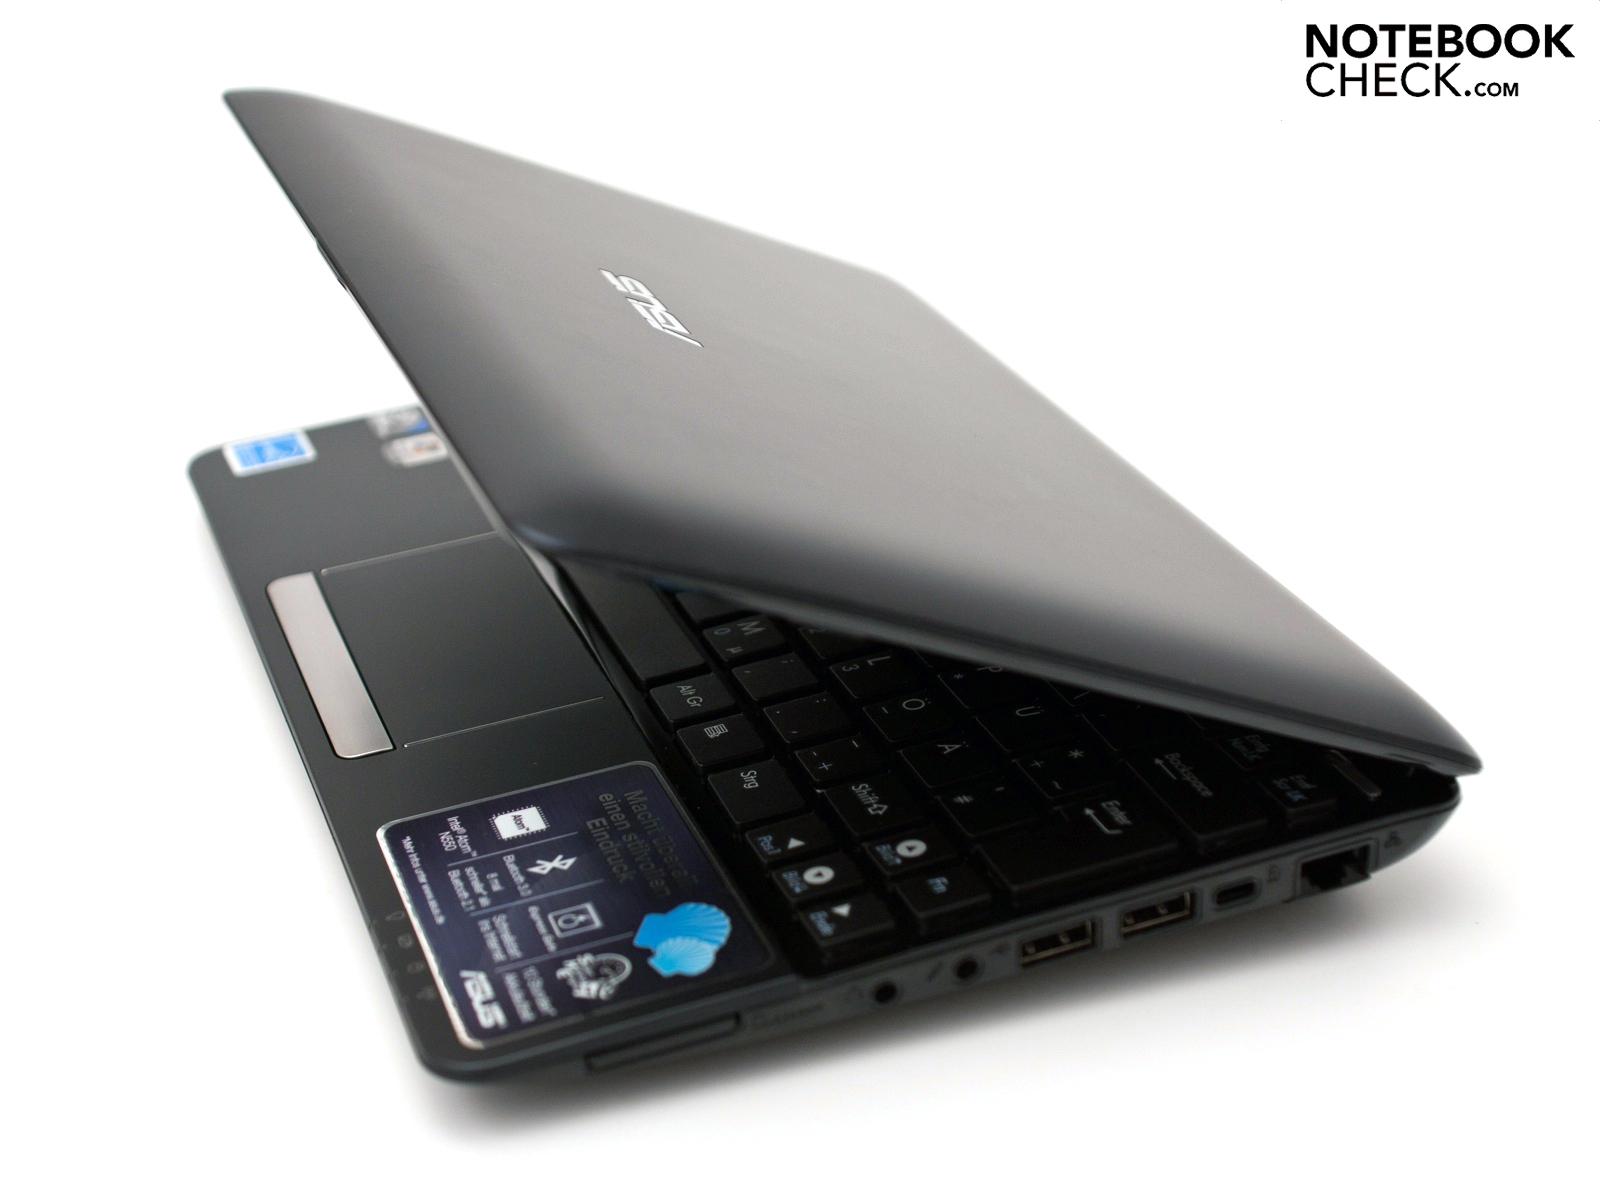 Asus Eee PC 1015P WLAN Treiber Windows XP